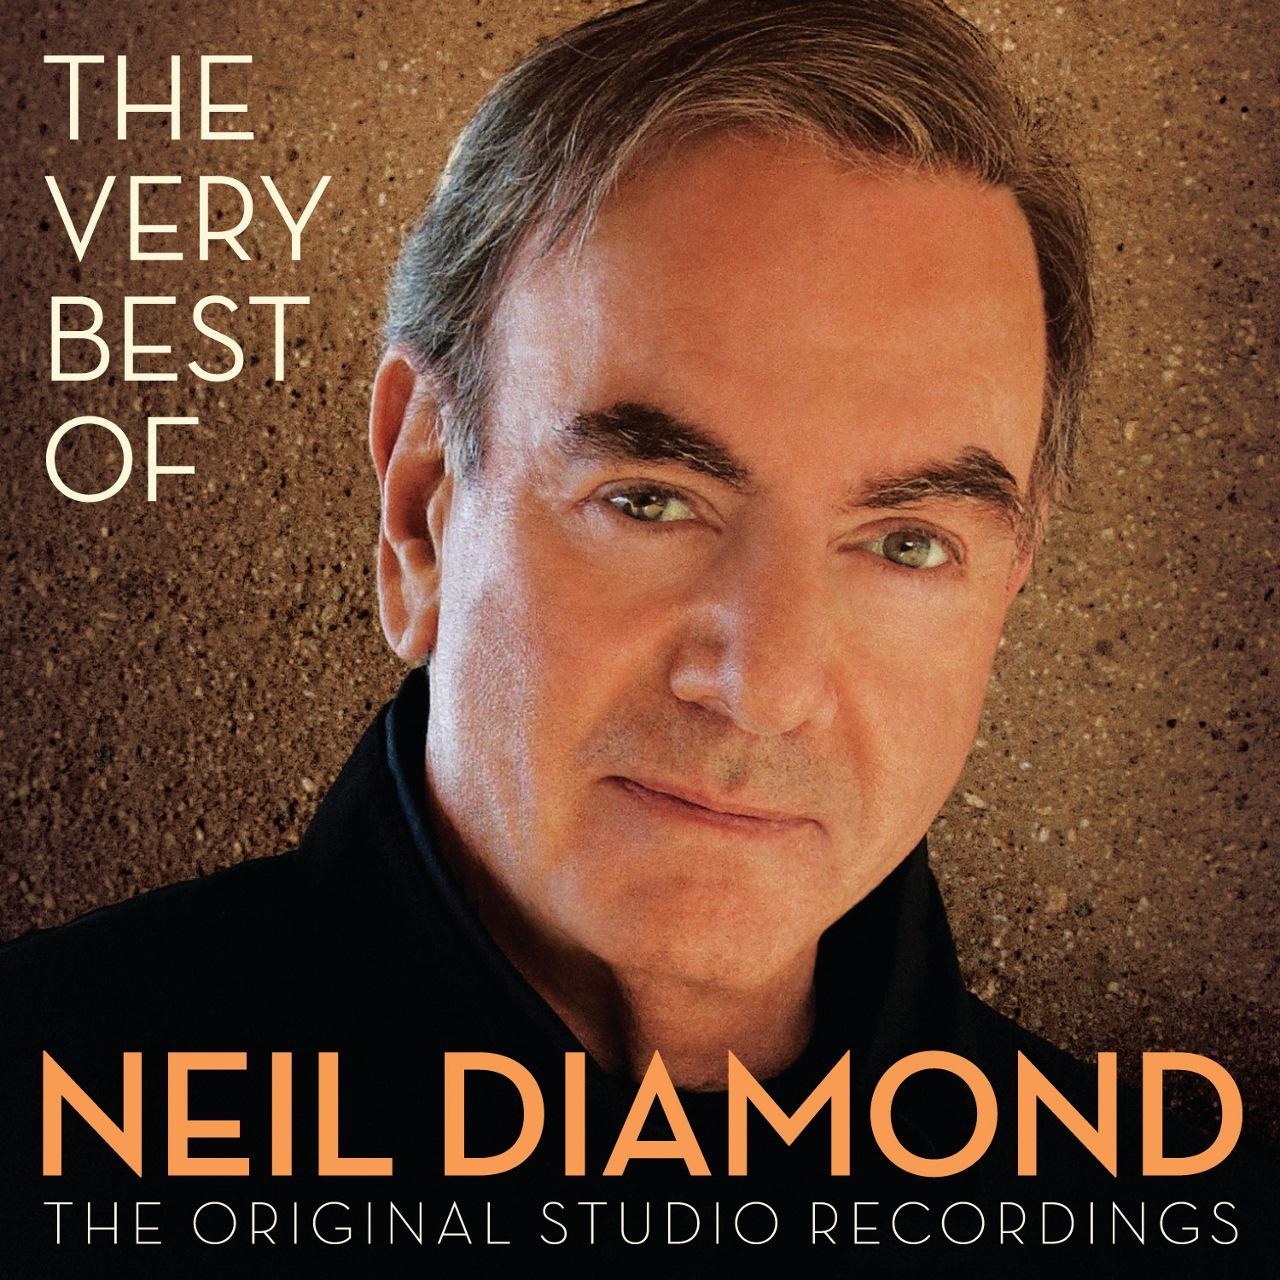 neil diamond top songs